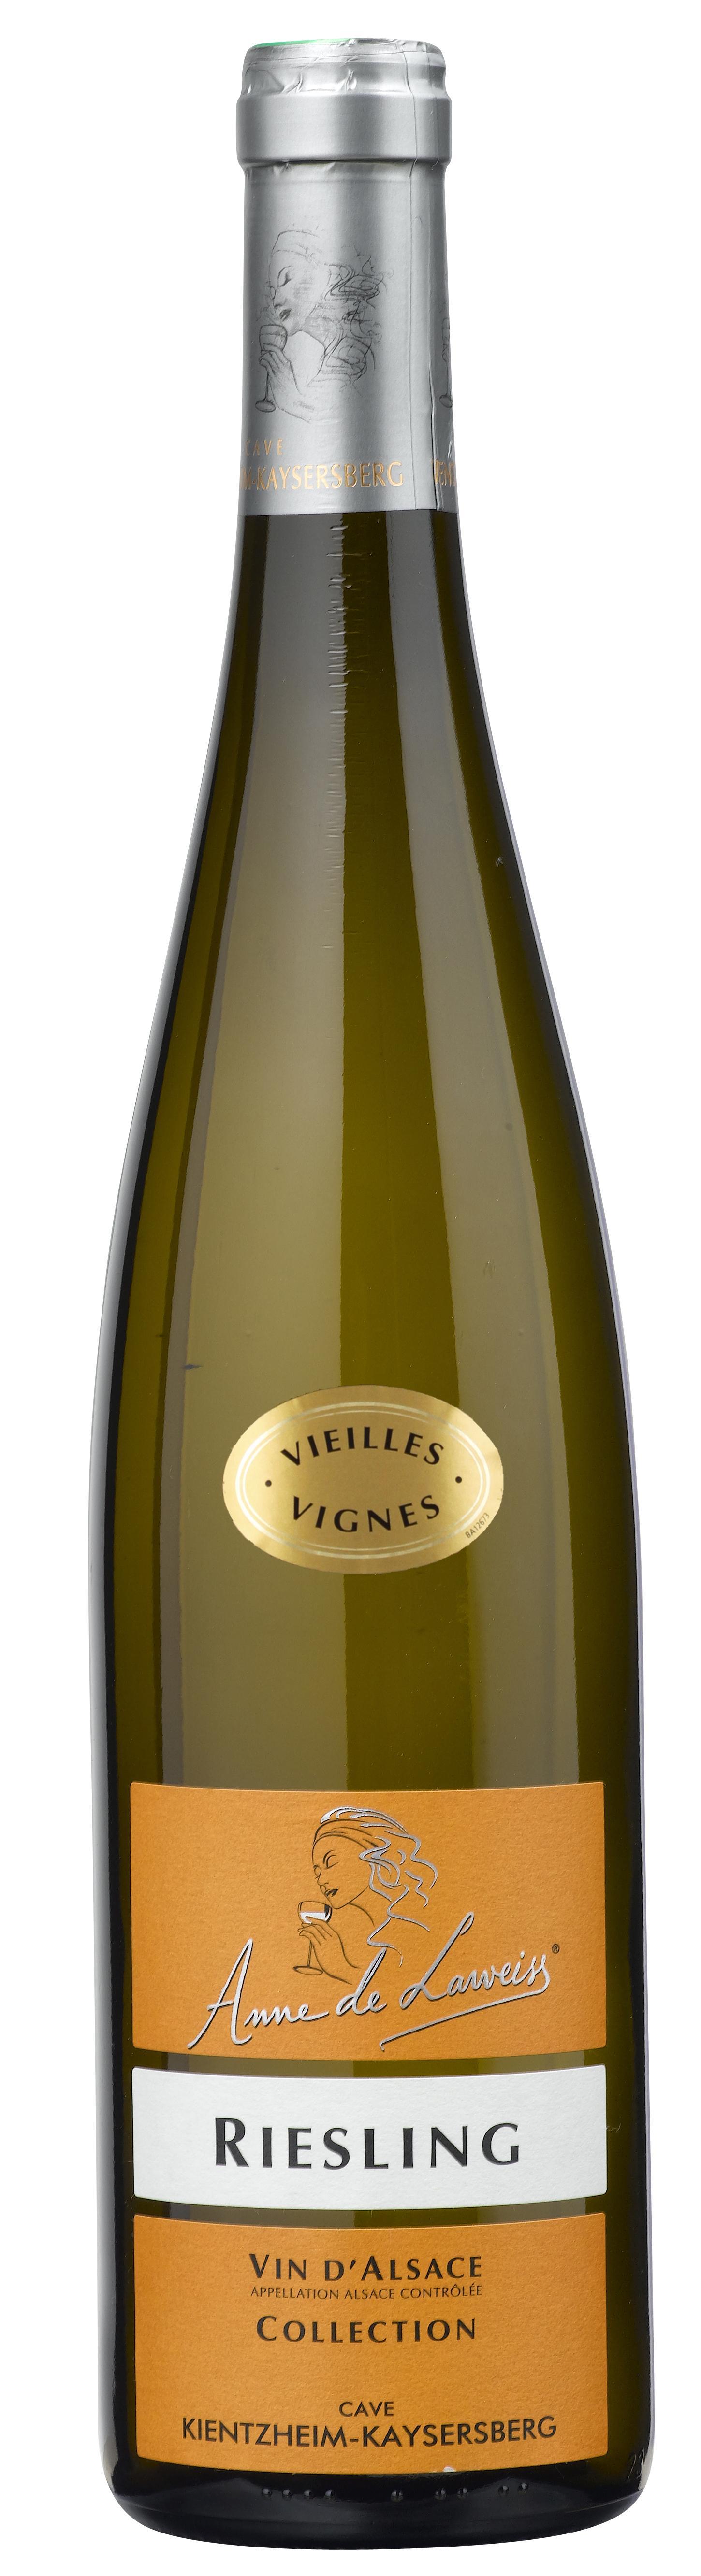 Вино Эльзас Коллексьон Анна де Лавейс Рислинг, Франция